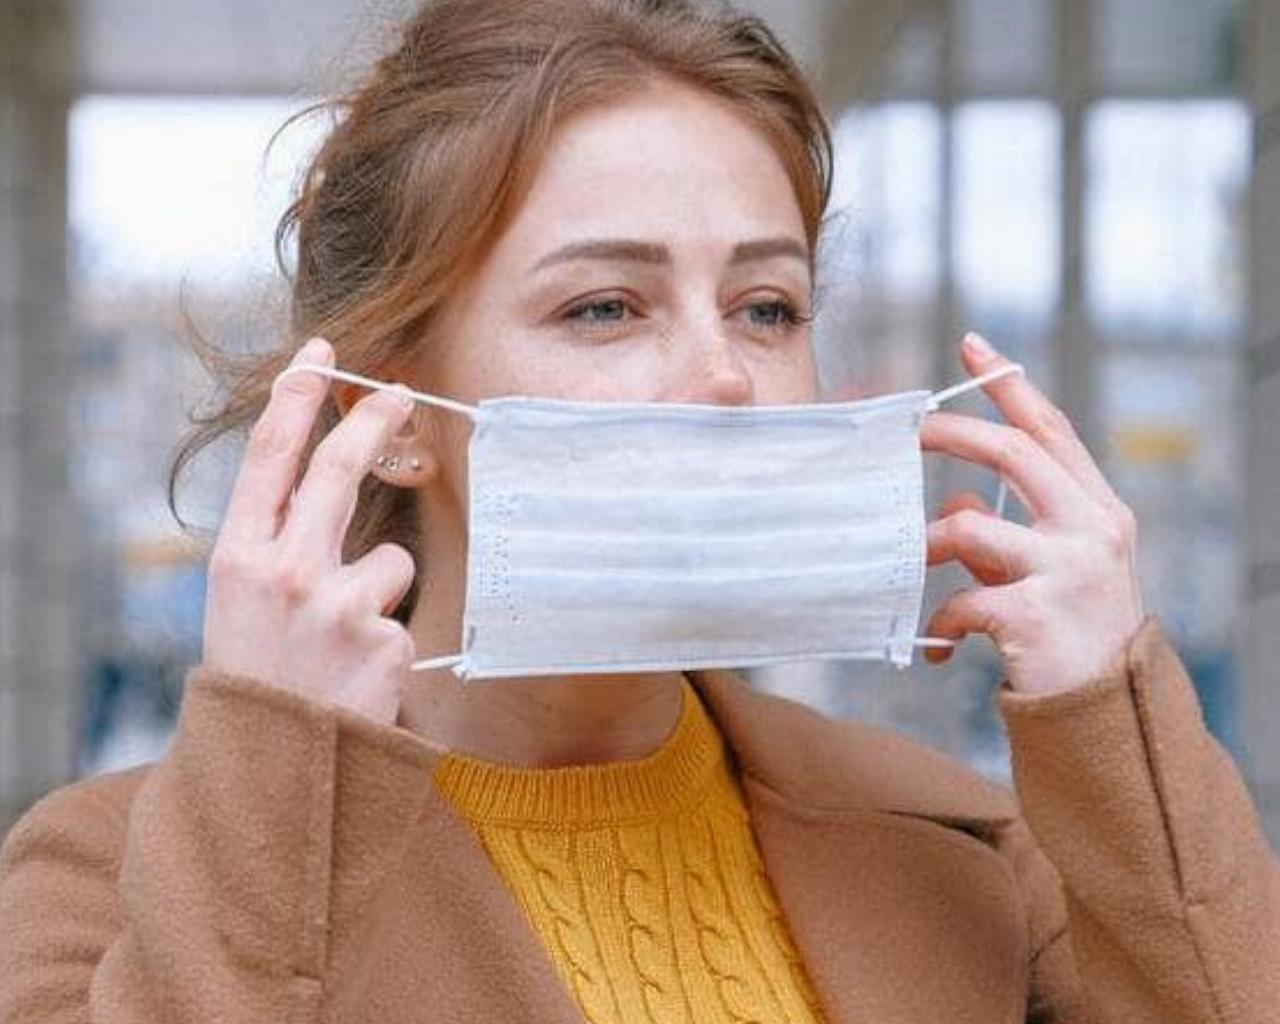 μασκες covid-19,face masks covid 19 for sale,face masks covid 19 amazon,face masks covid 19 boots,face masks covid 19 for sale uk,face masks covid 19 to buy,μασκεσ covid 19 skroutz,face masks covid 19 uk,face masks covid 19 ebay